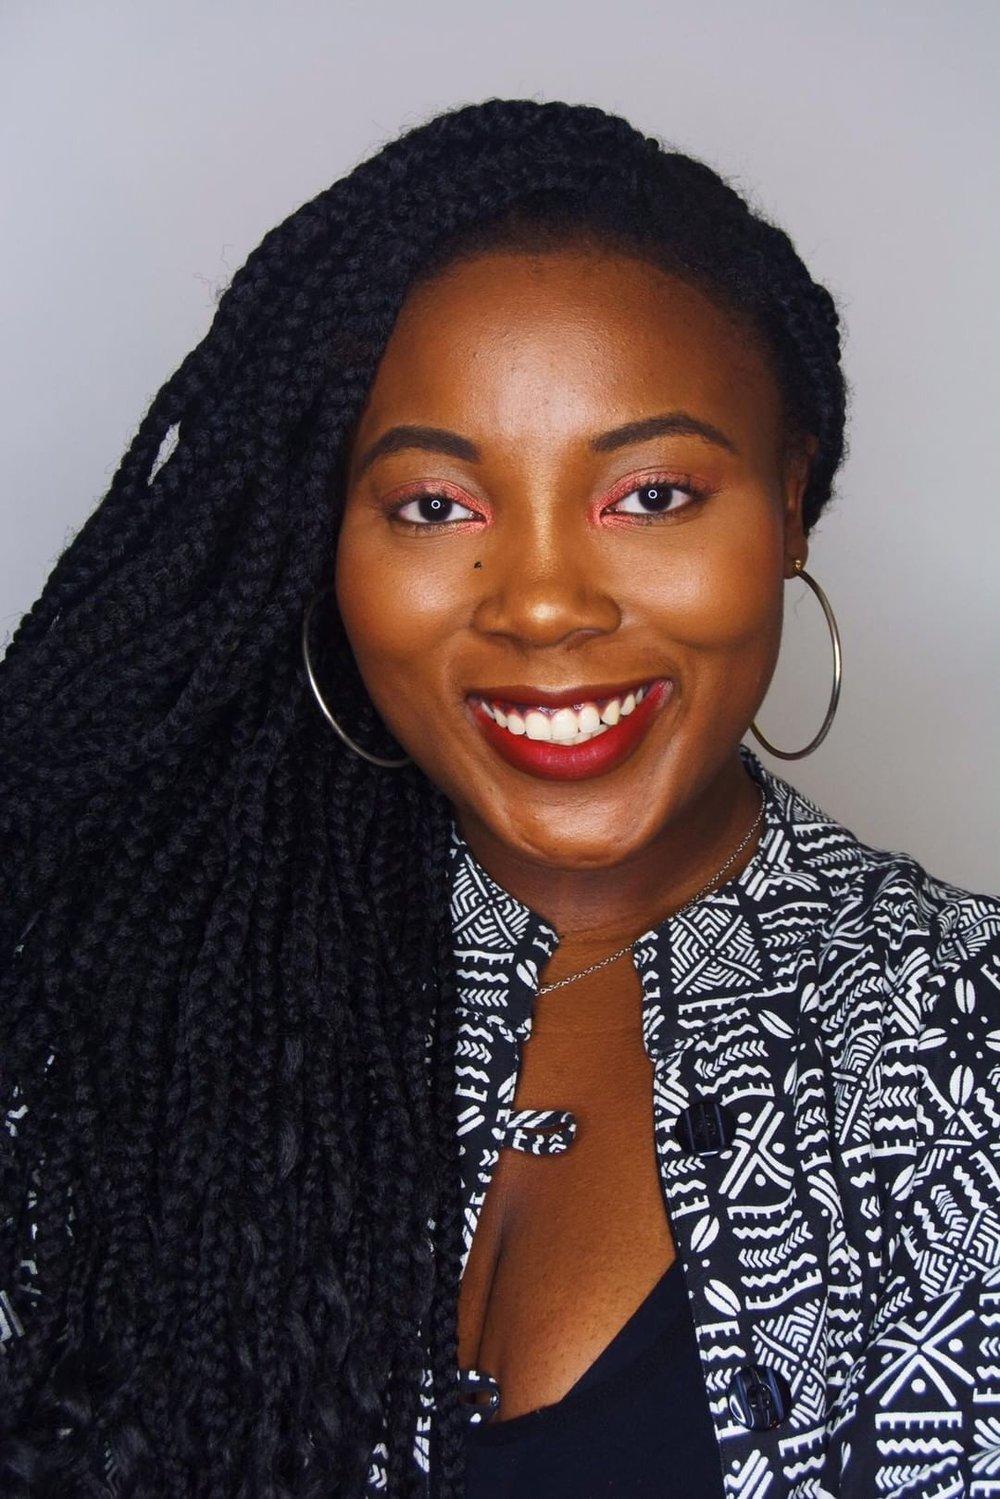 Jadéa Asante - Creative Director + Digital Communications